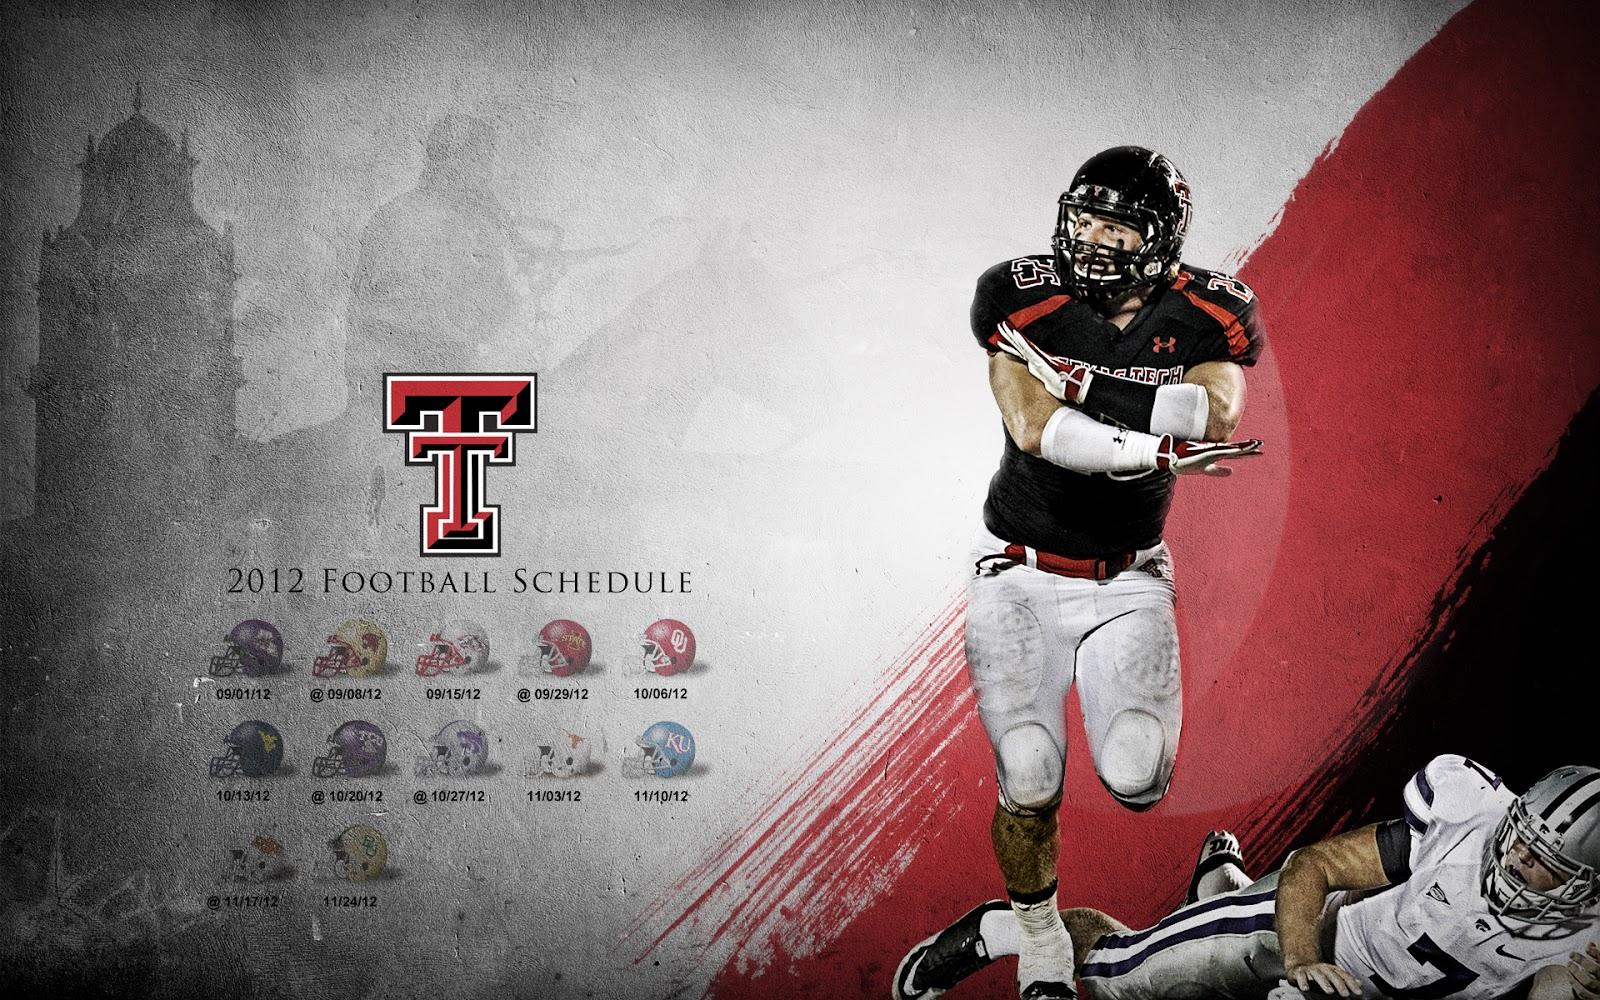 Texas Tech 2012 Football Schedule Paint Design Relay Wallpaper 1600x1000